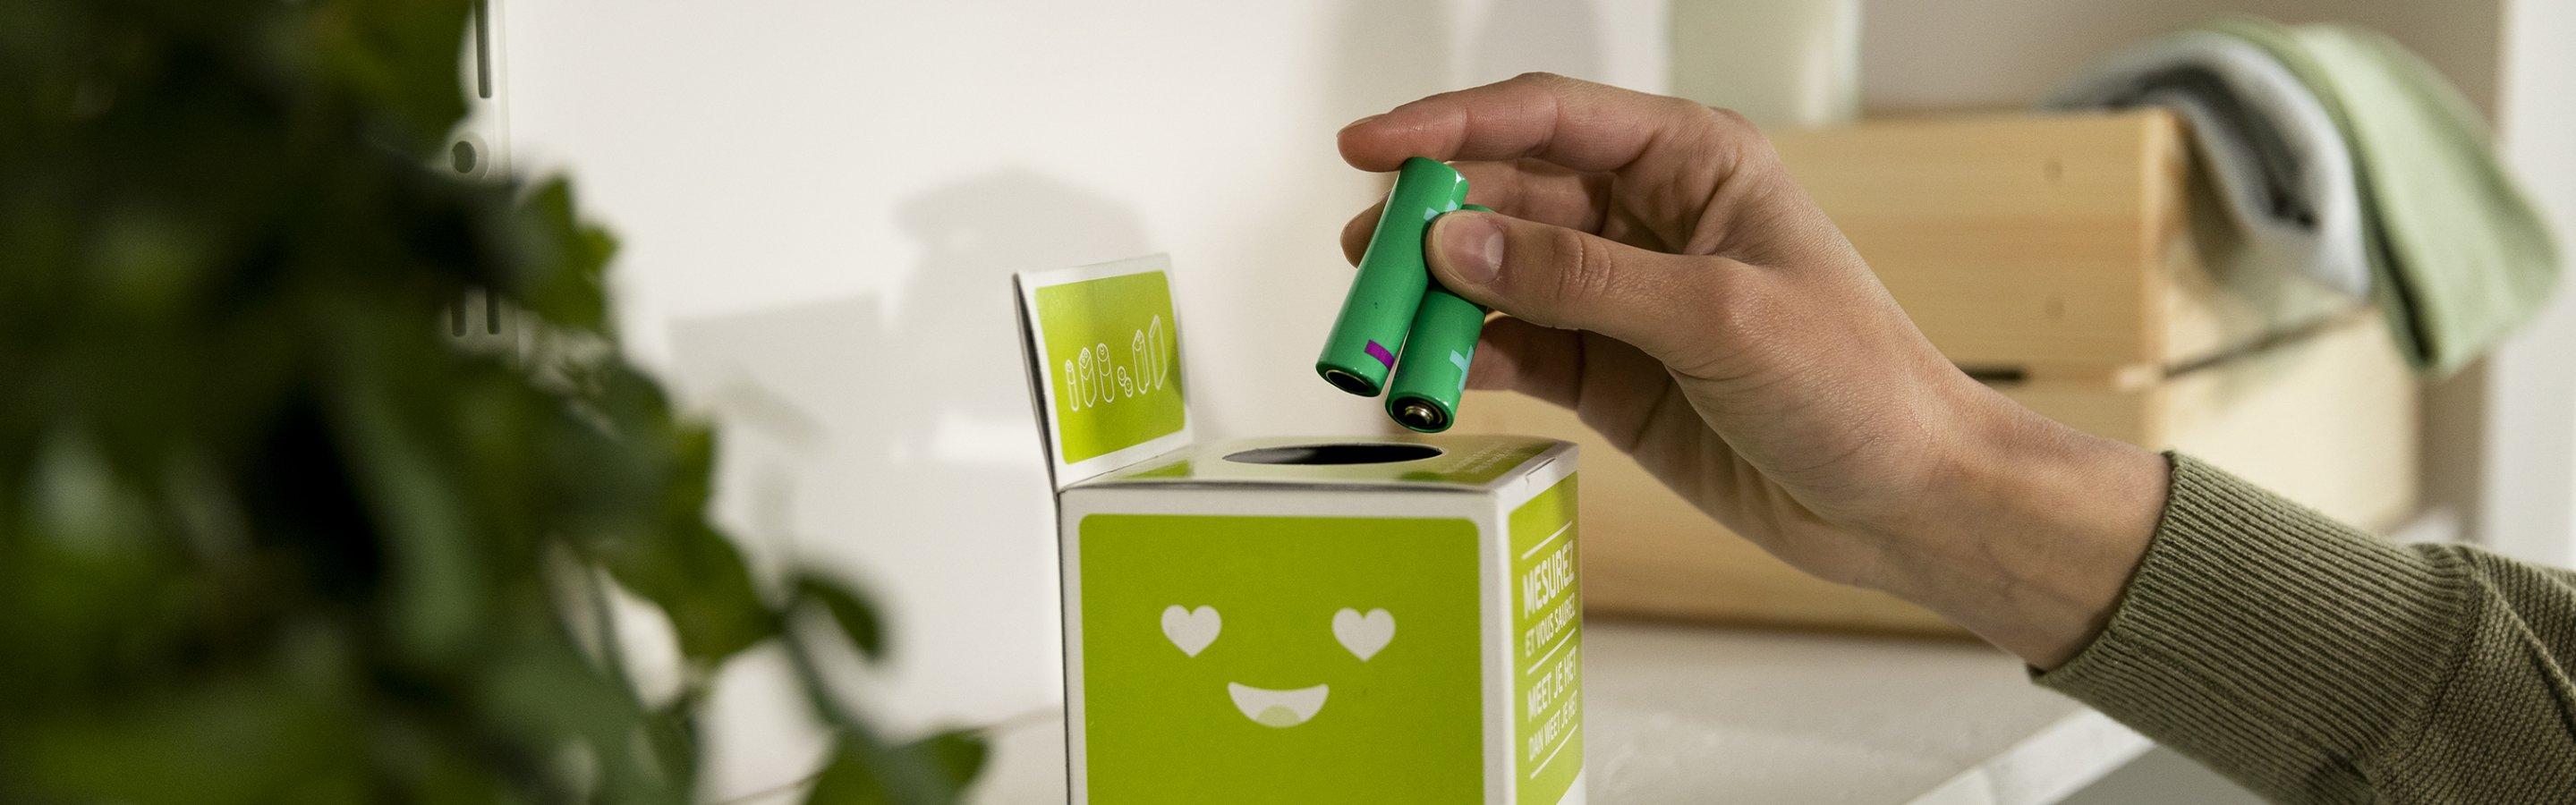 Hoe bewaar je batterijen thuis? 5 tips voor veilig opbergen